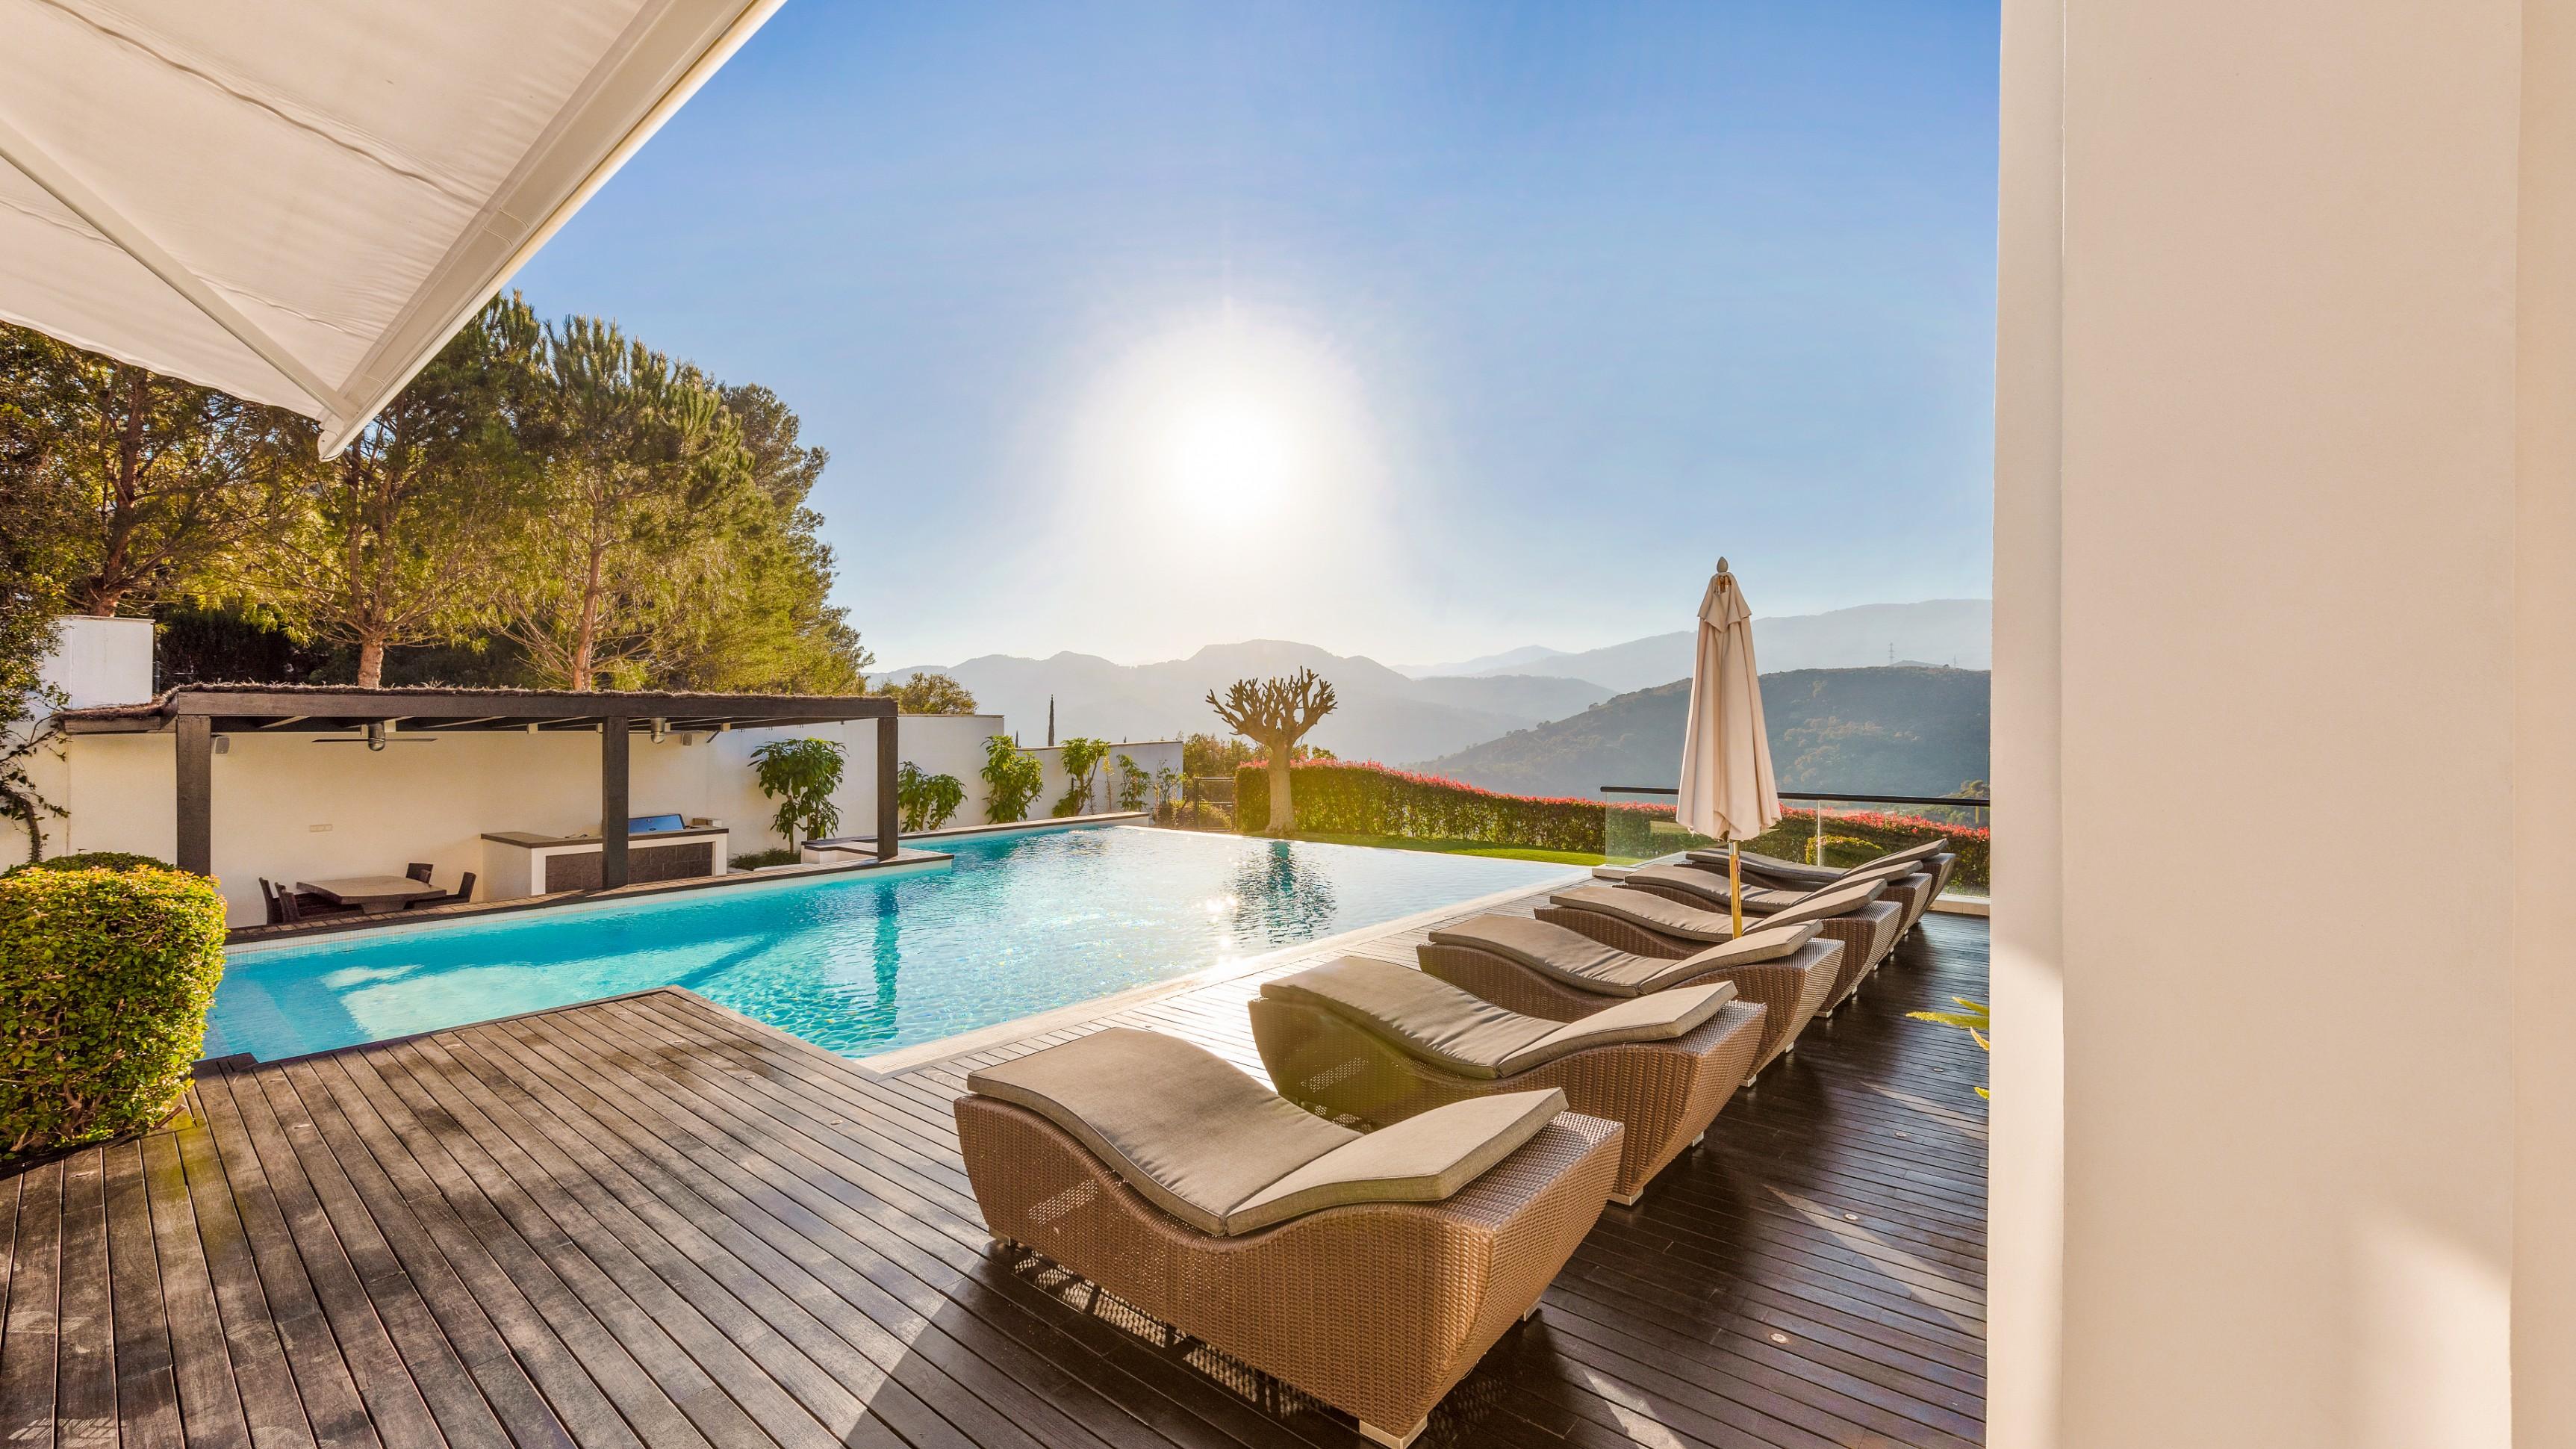 Villa La Zagaleta with a view